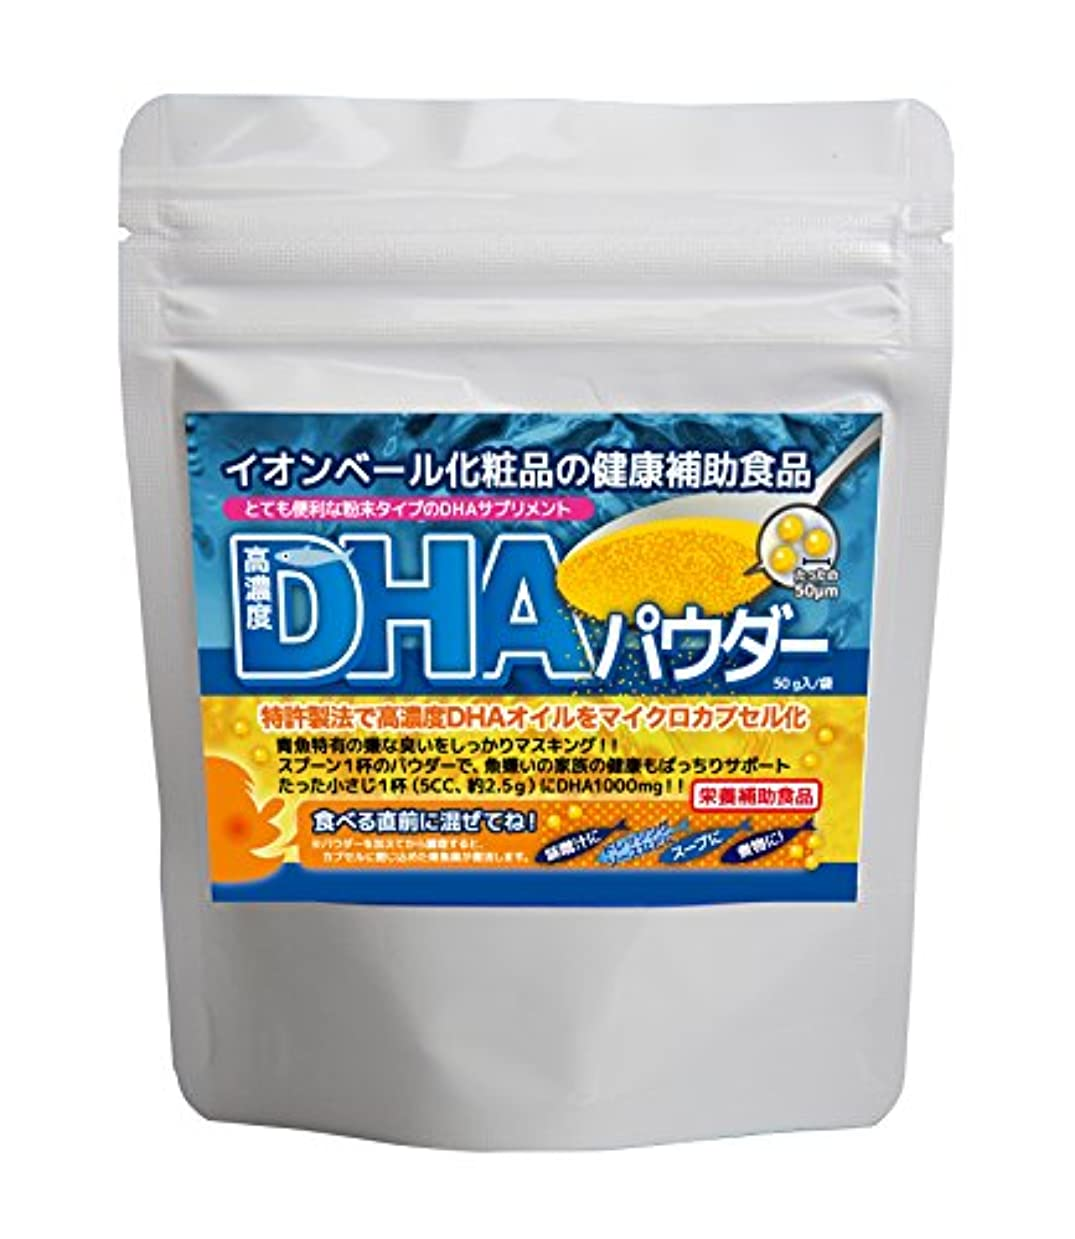 厚いマトリックス物質高濃度DHAパウダー 50g(小さじ1杯でDHAが1000mg)